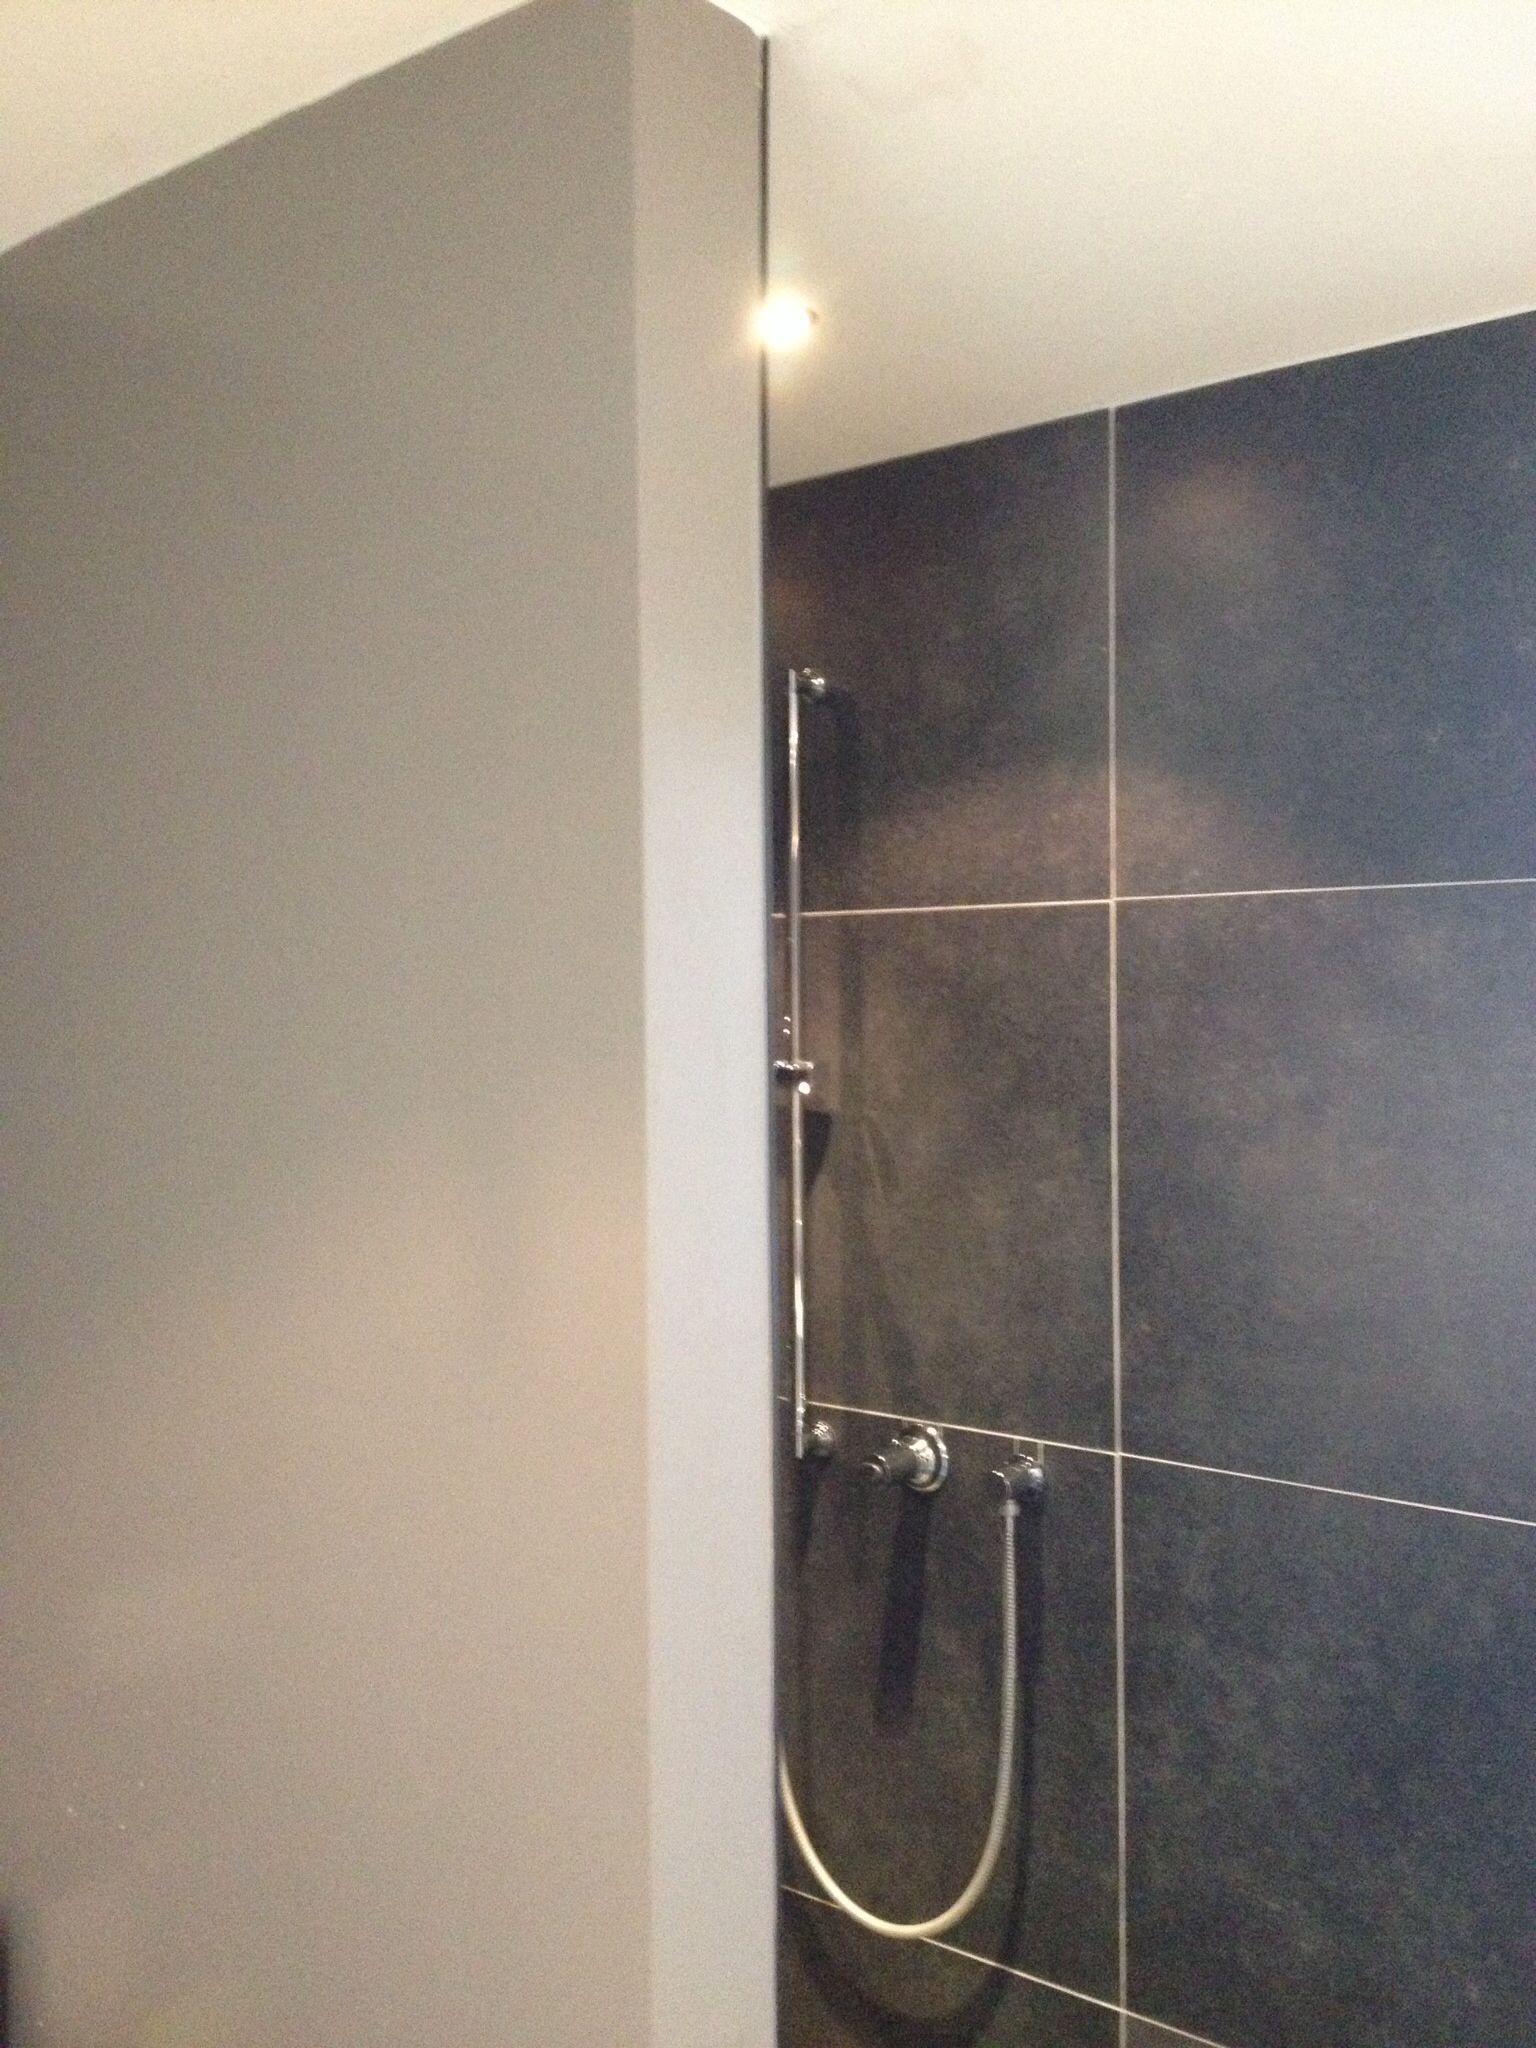 dubbele inloop douche met 1 regendouche en 1 handdouche